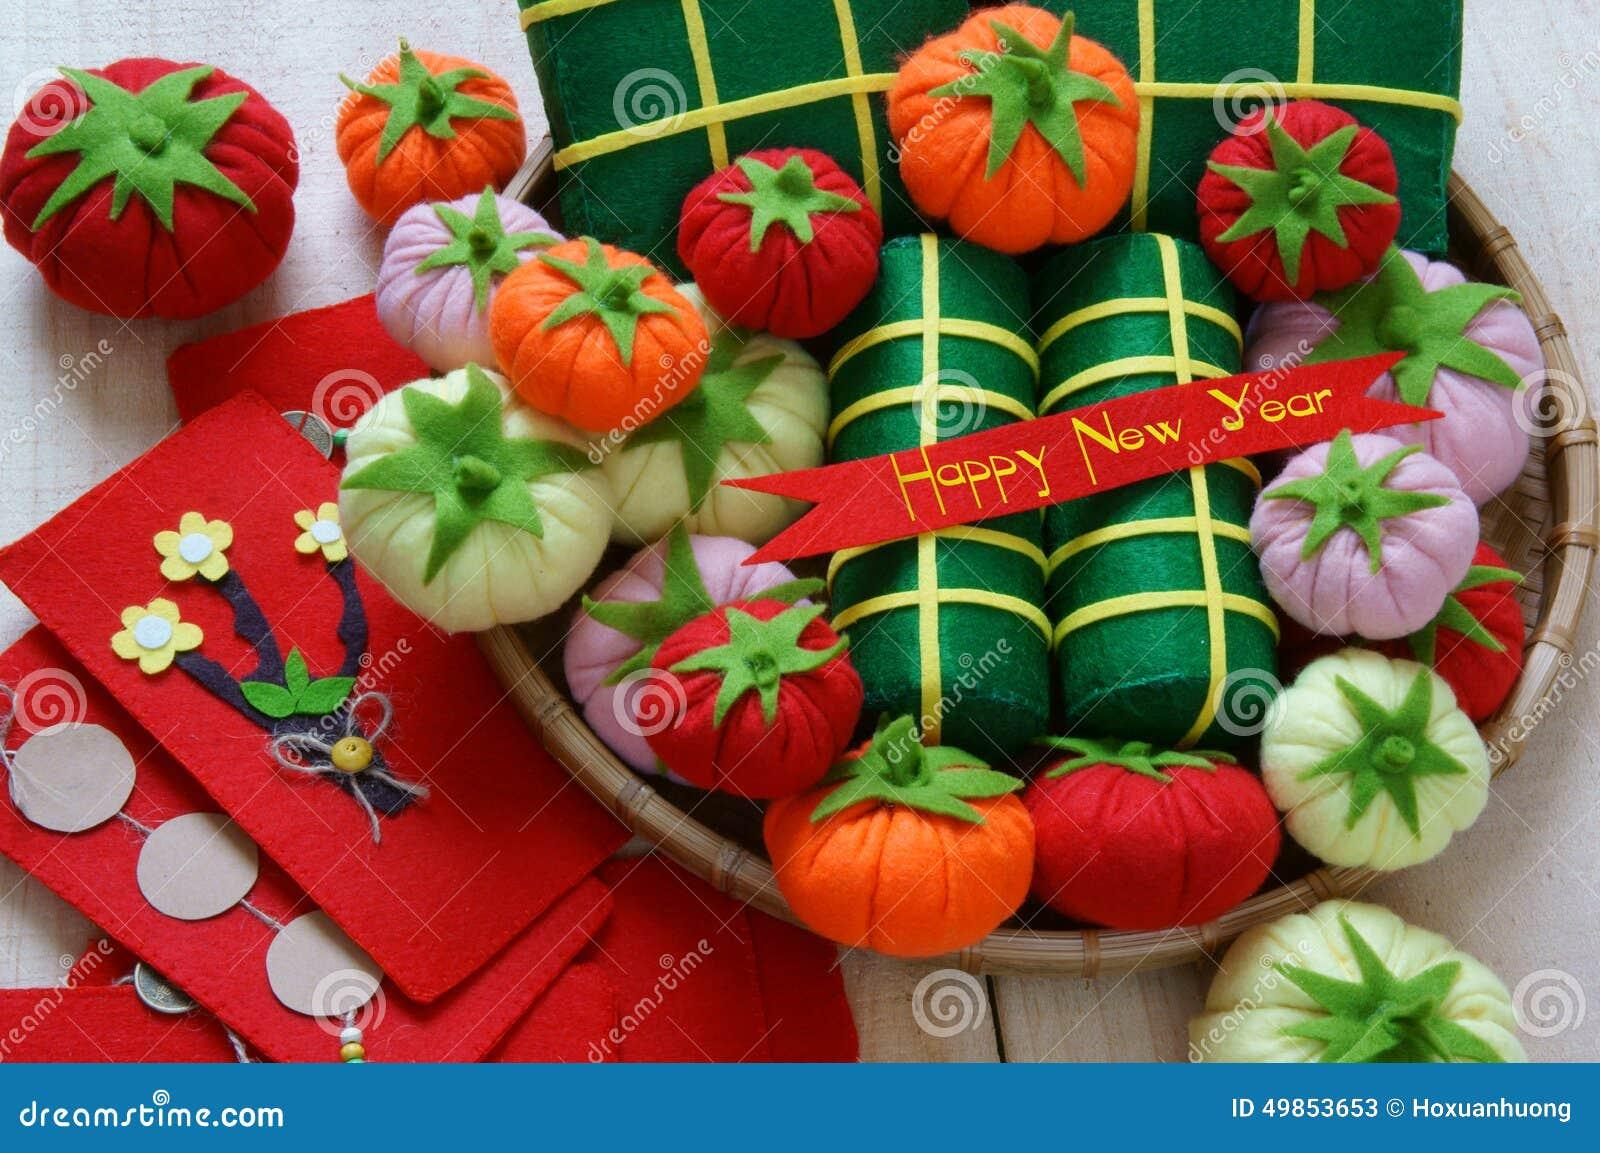 Vietnam tet banh tet banh chung happy new year stock image download vietnam tet banh tet banh chung happy new year stock image m4hsunfo